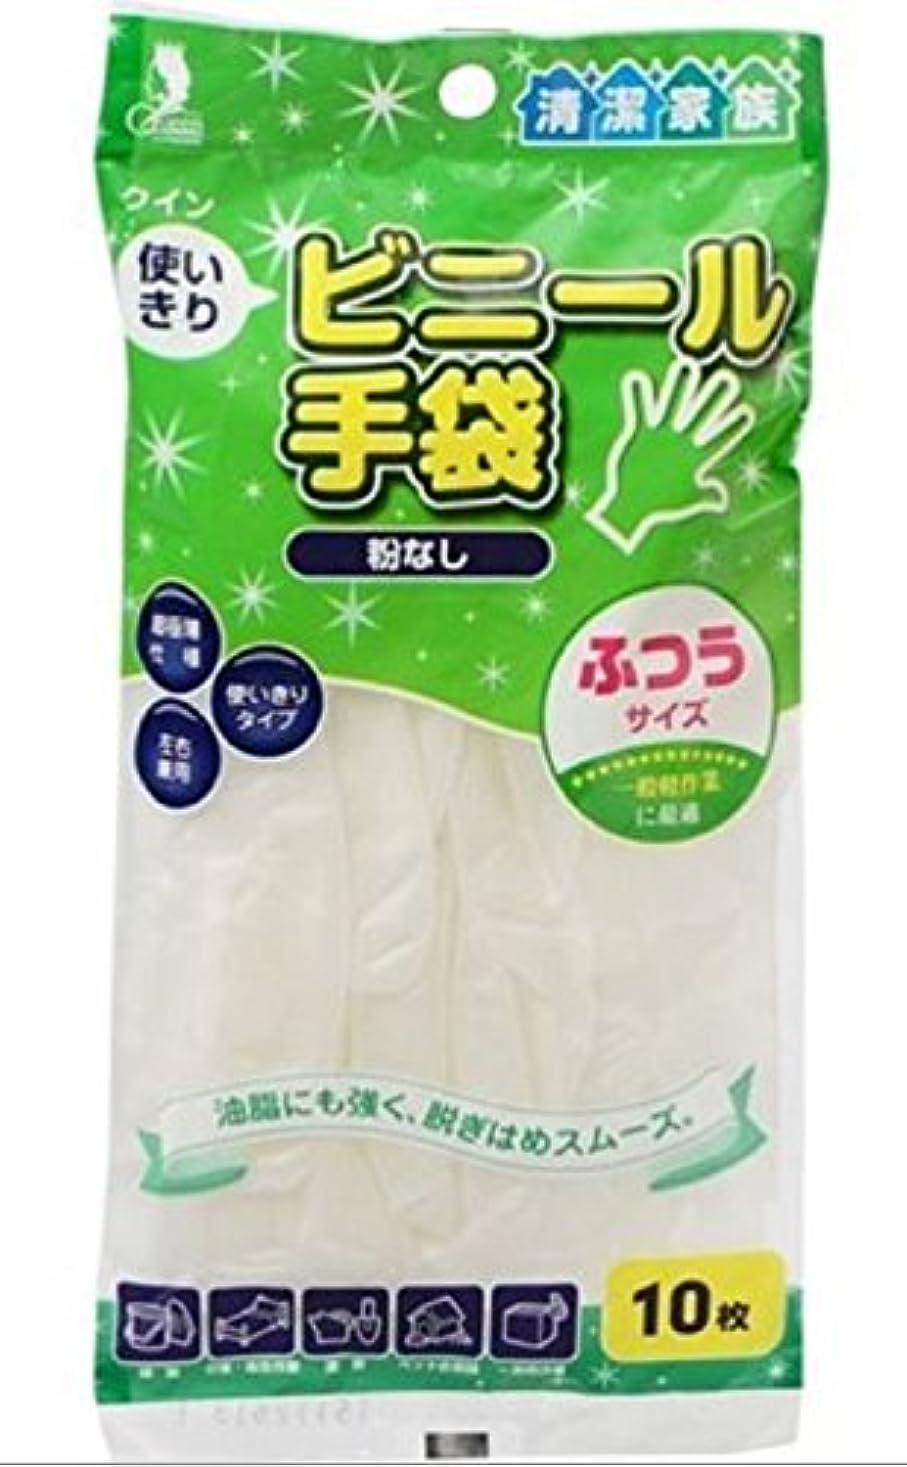 結晶症候群クイン 使いきりビニール手袋 10枚入 ふつうサイズ